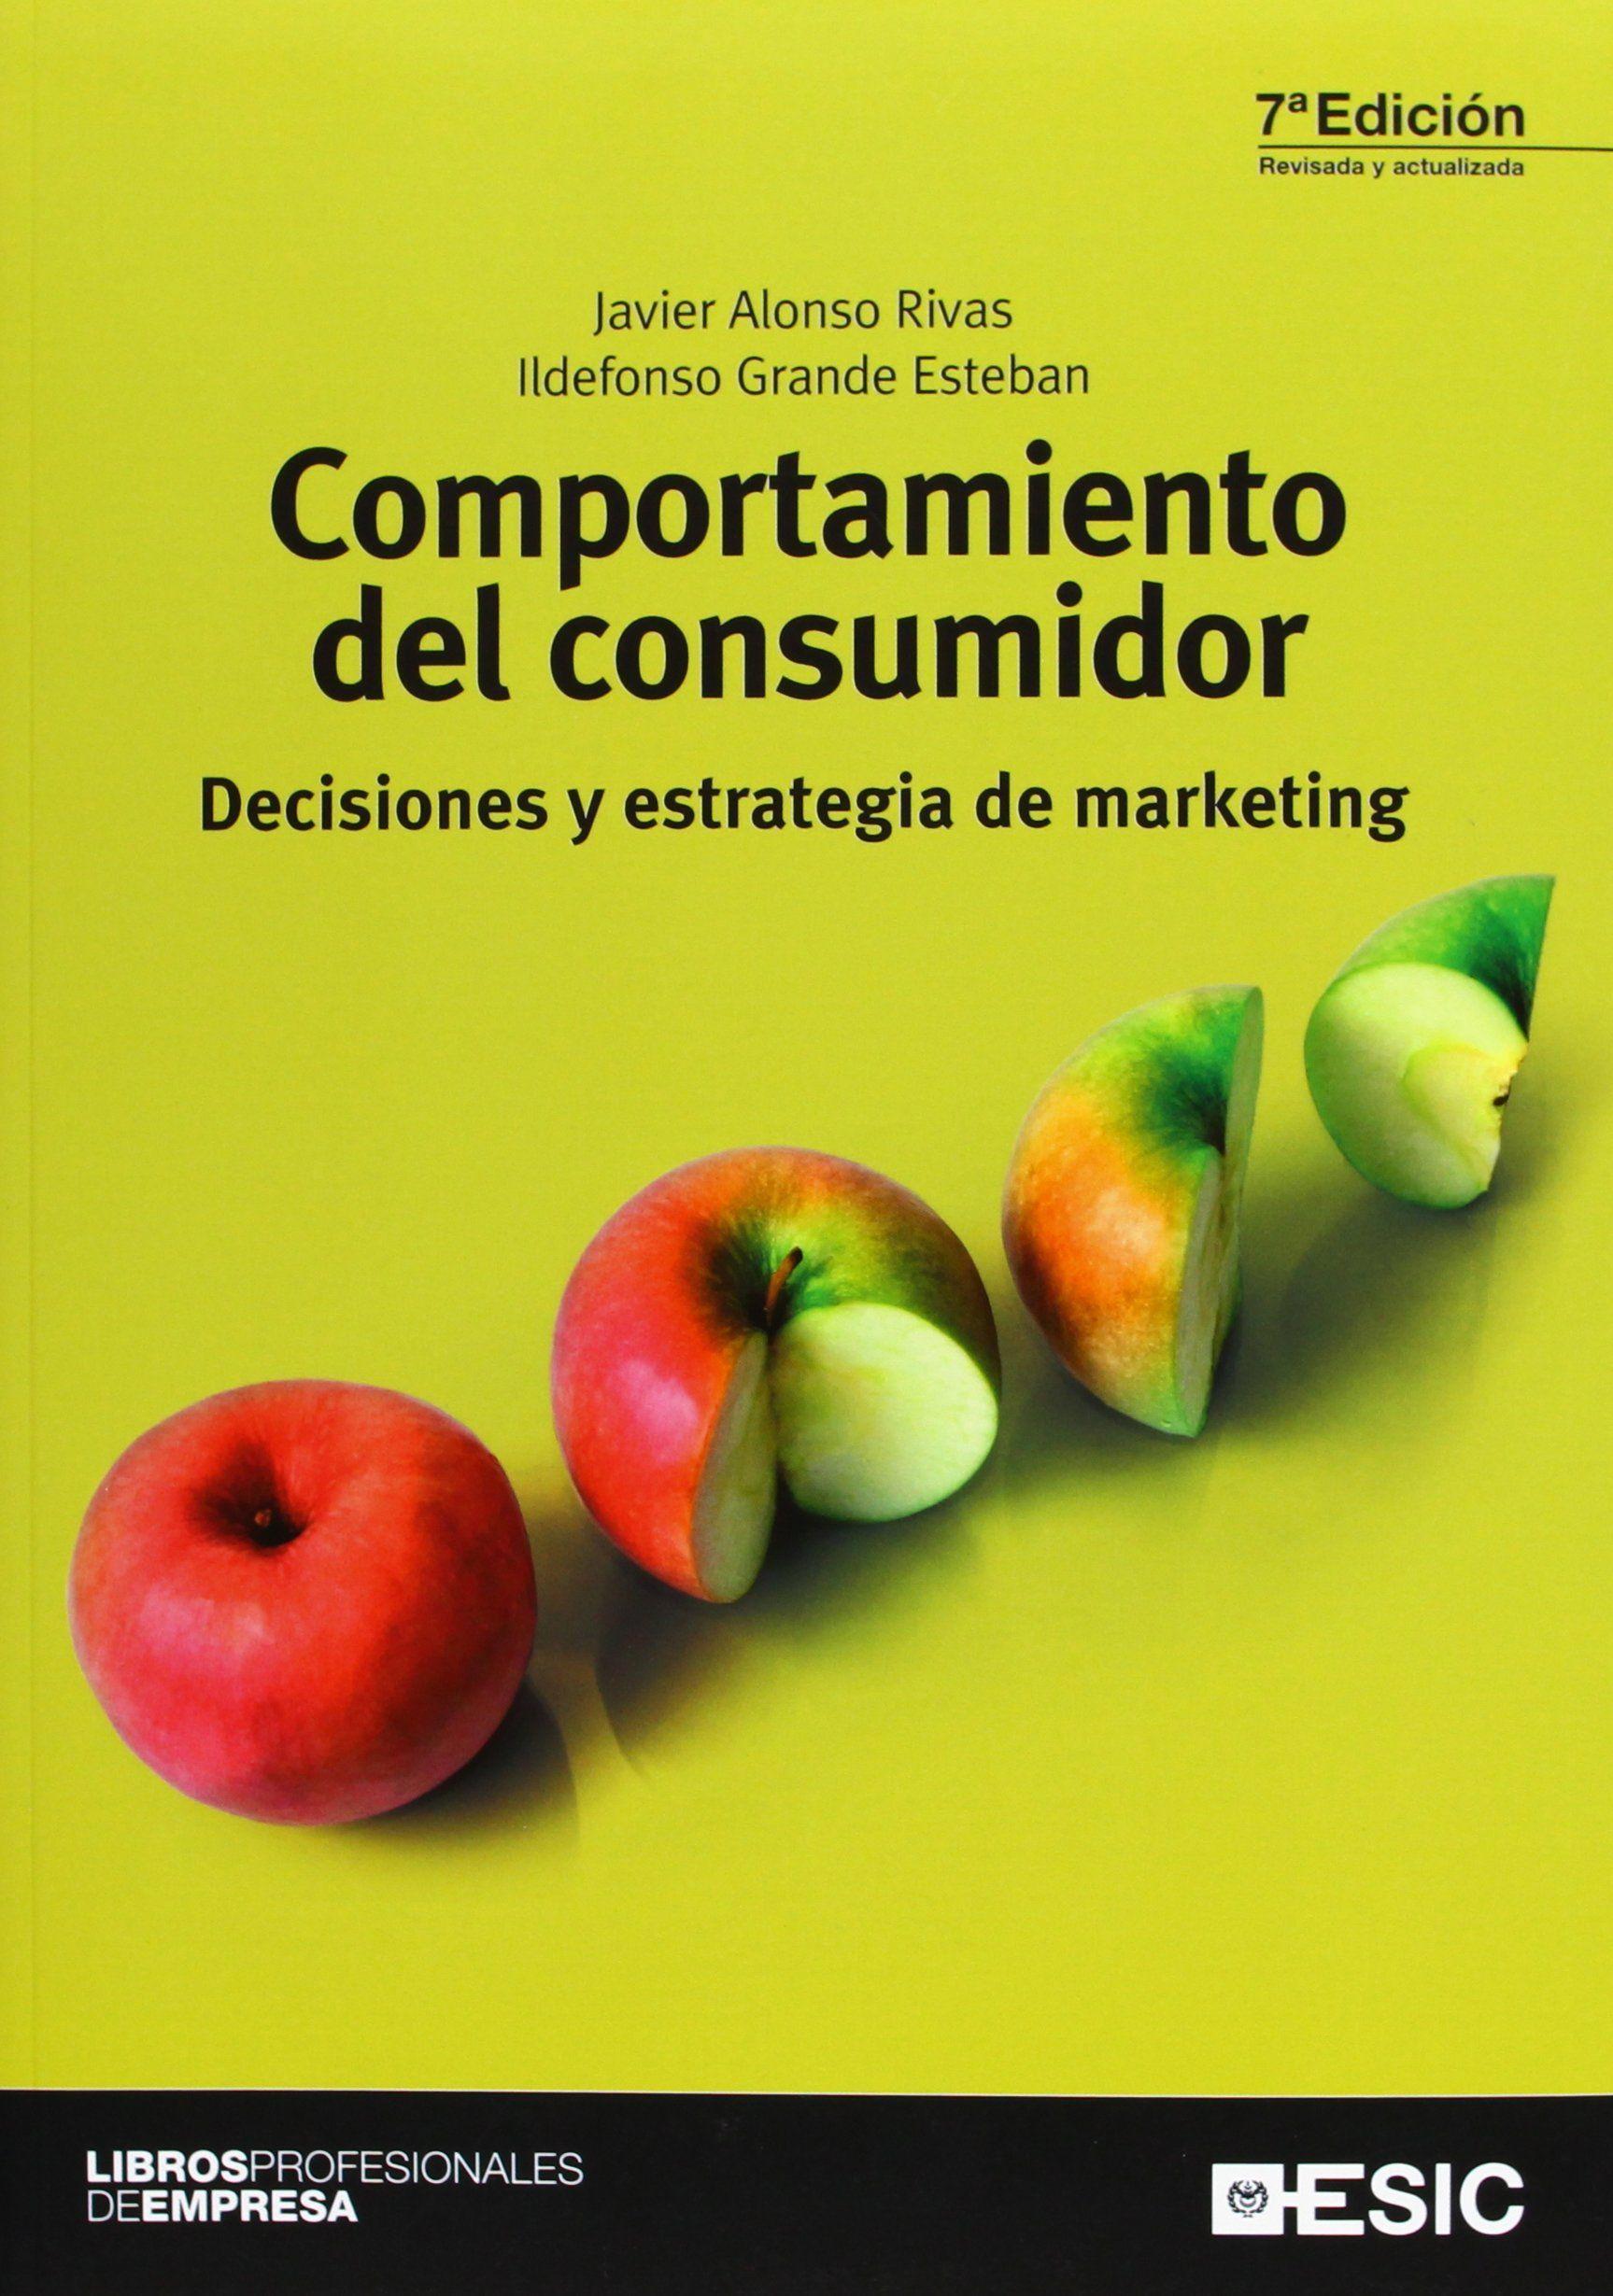 Comportamiento del consumidor : decisiones y estrategia de marketing / Javier Alonso Rivas, Ildefonso Grande Esteban